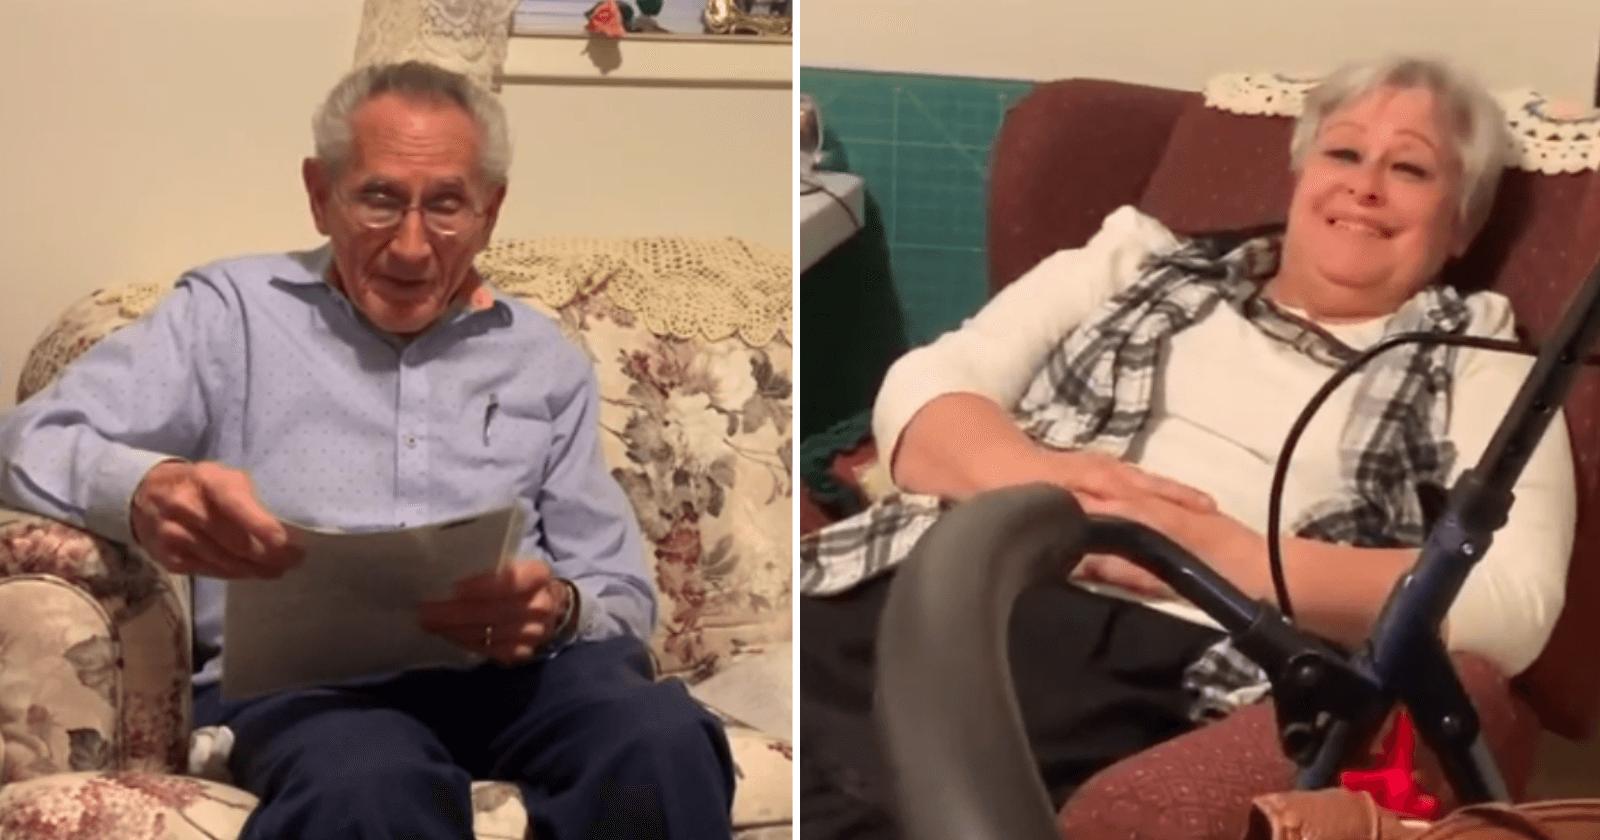 Idoso de 87 anos faz declaração de amor para esposa com poema que escreveu durante o namoro